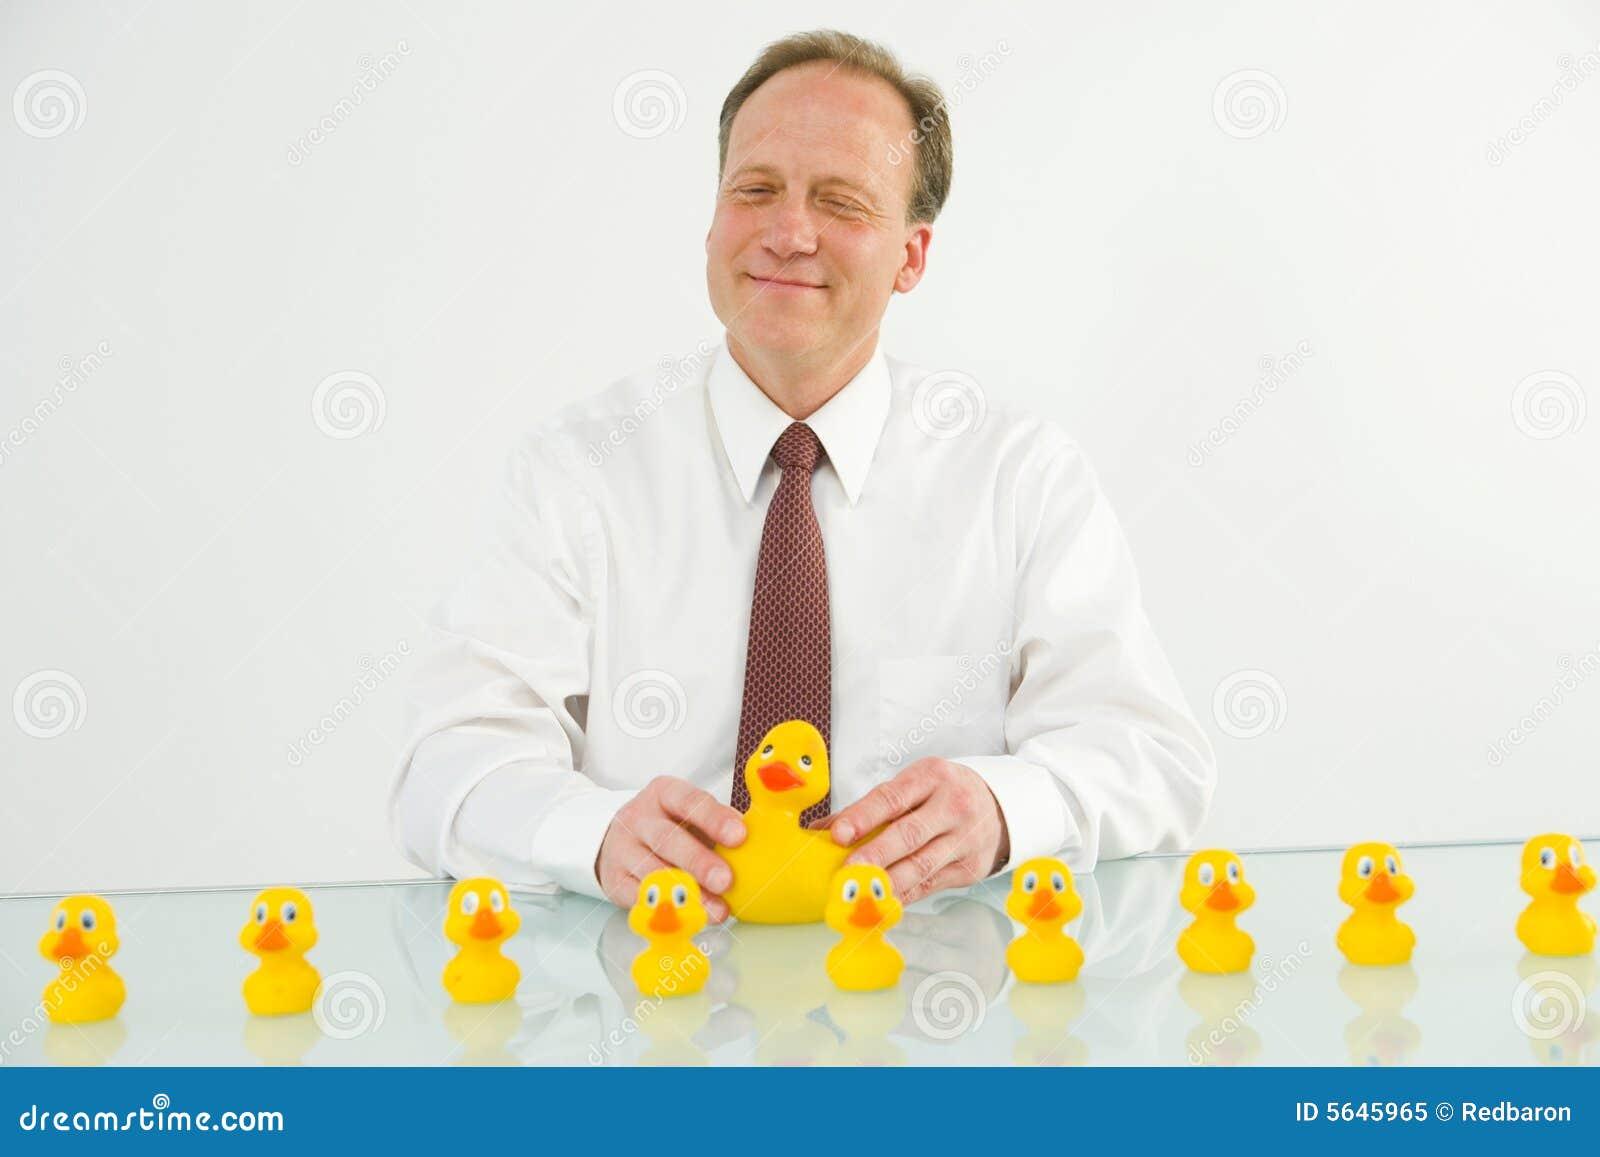 Mann mit Enten in einer Reihe